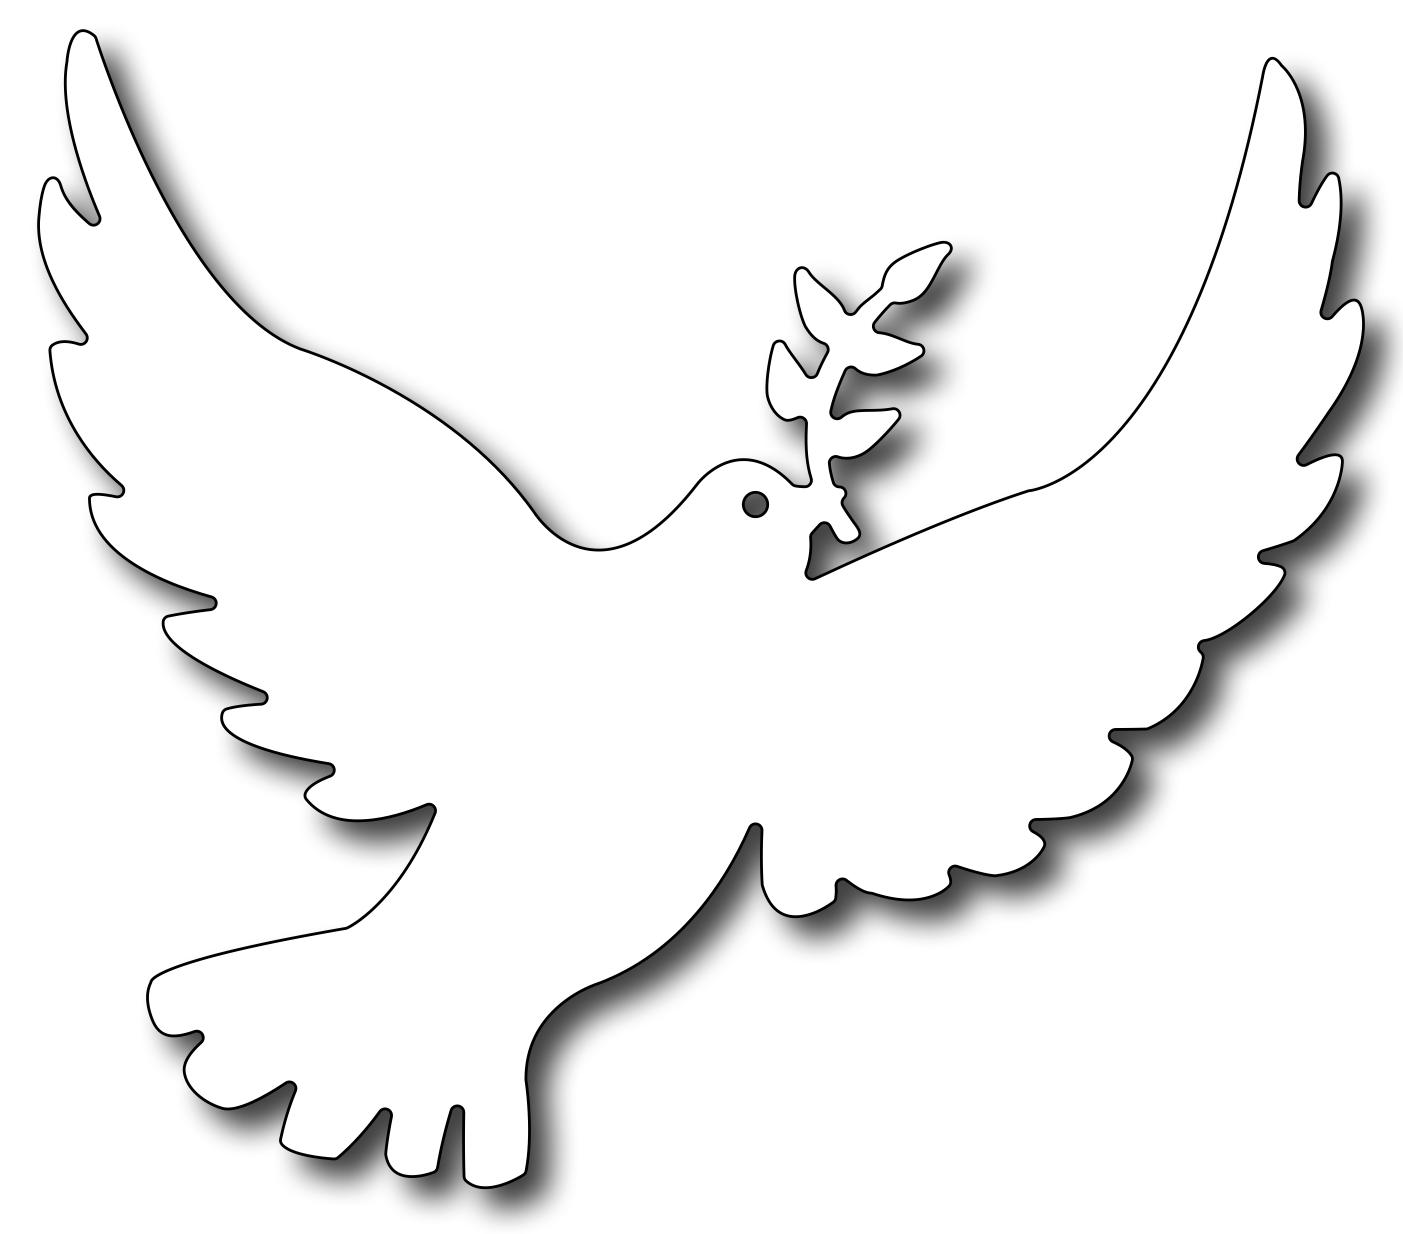 ... dove frantic stamper precision dies large peace dove part number fra